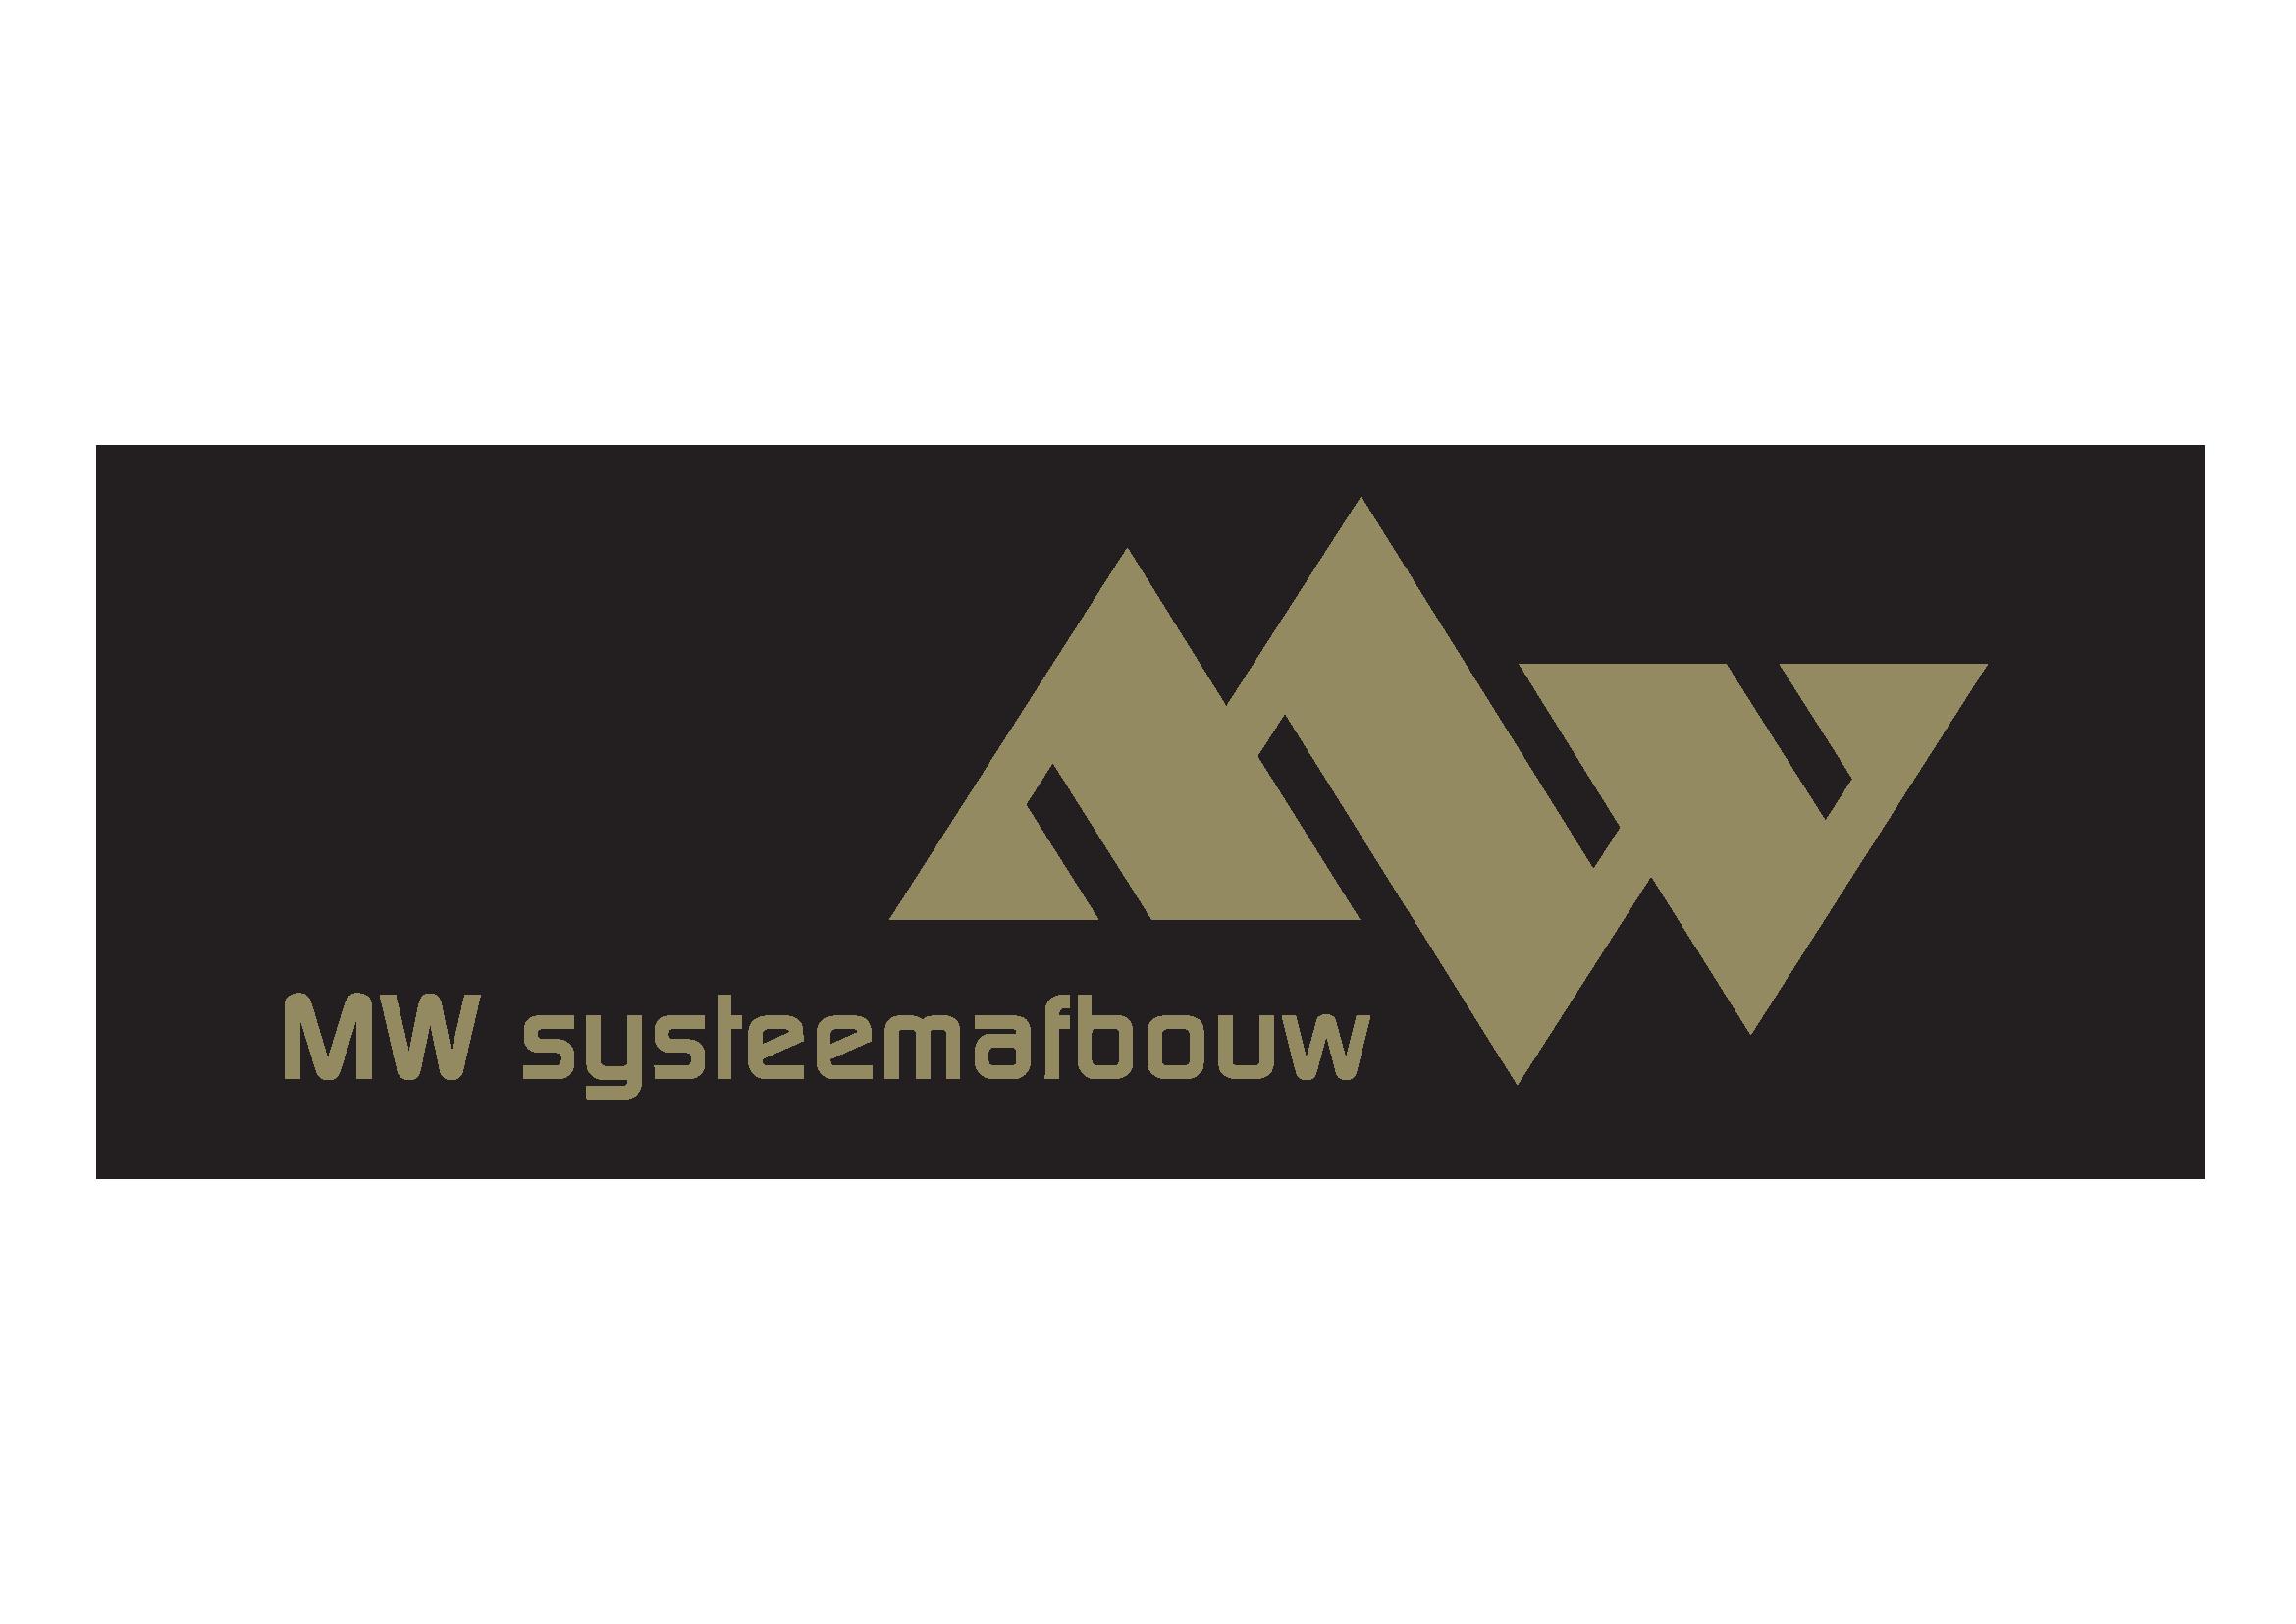 13 MW-systeemafbouw - logo